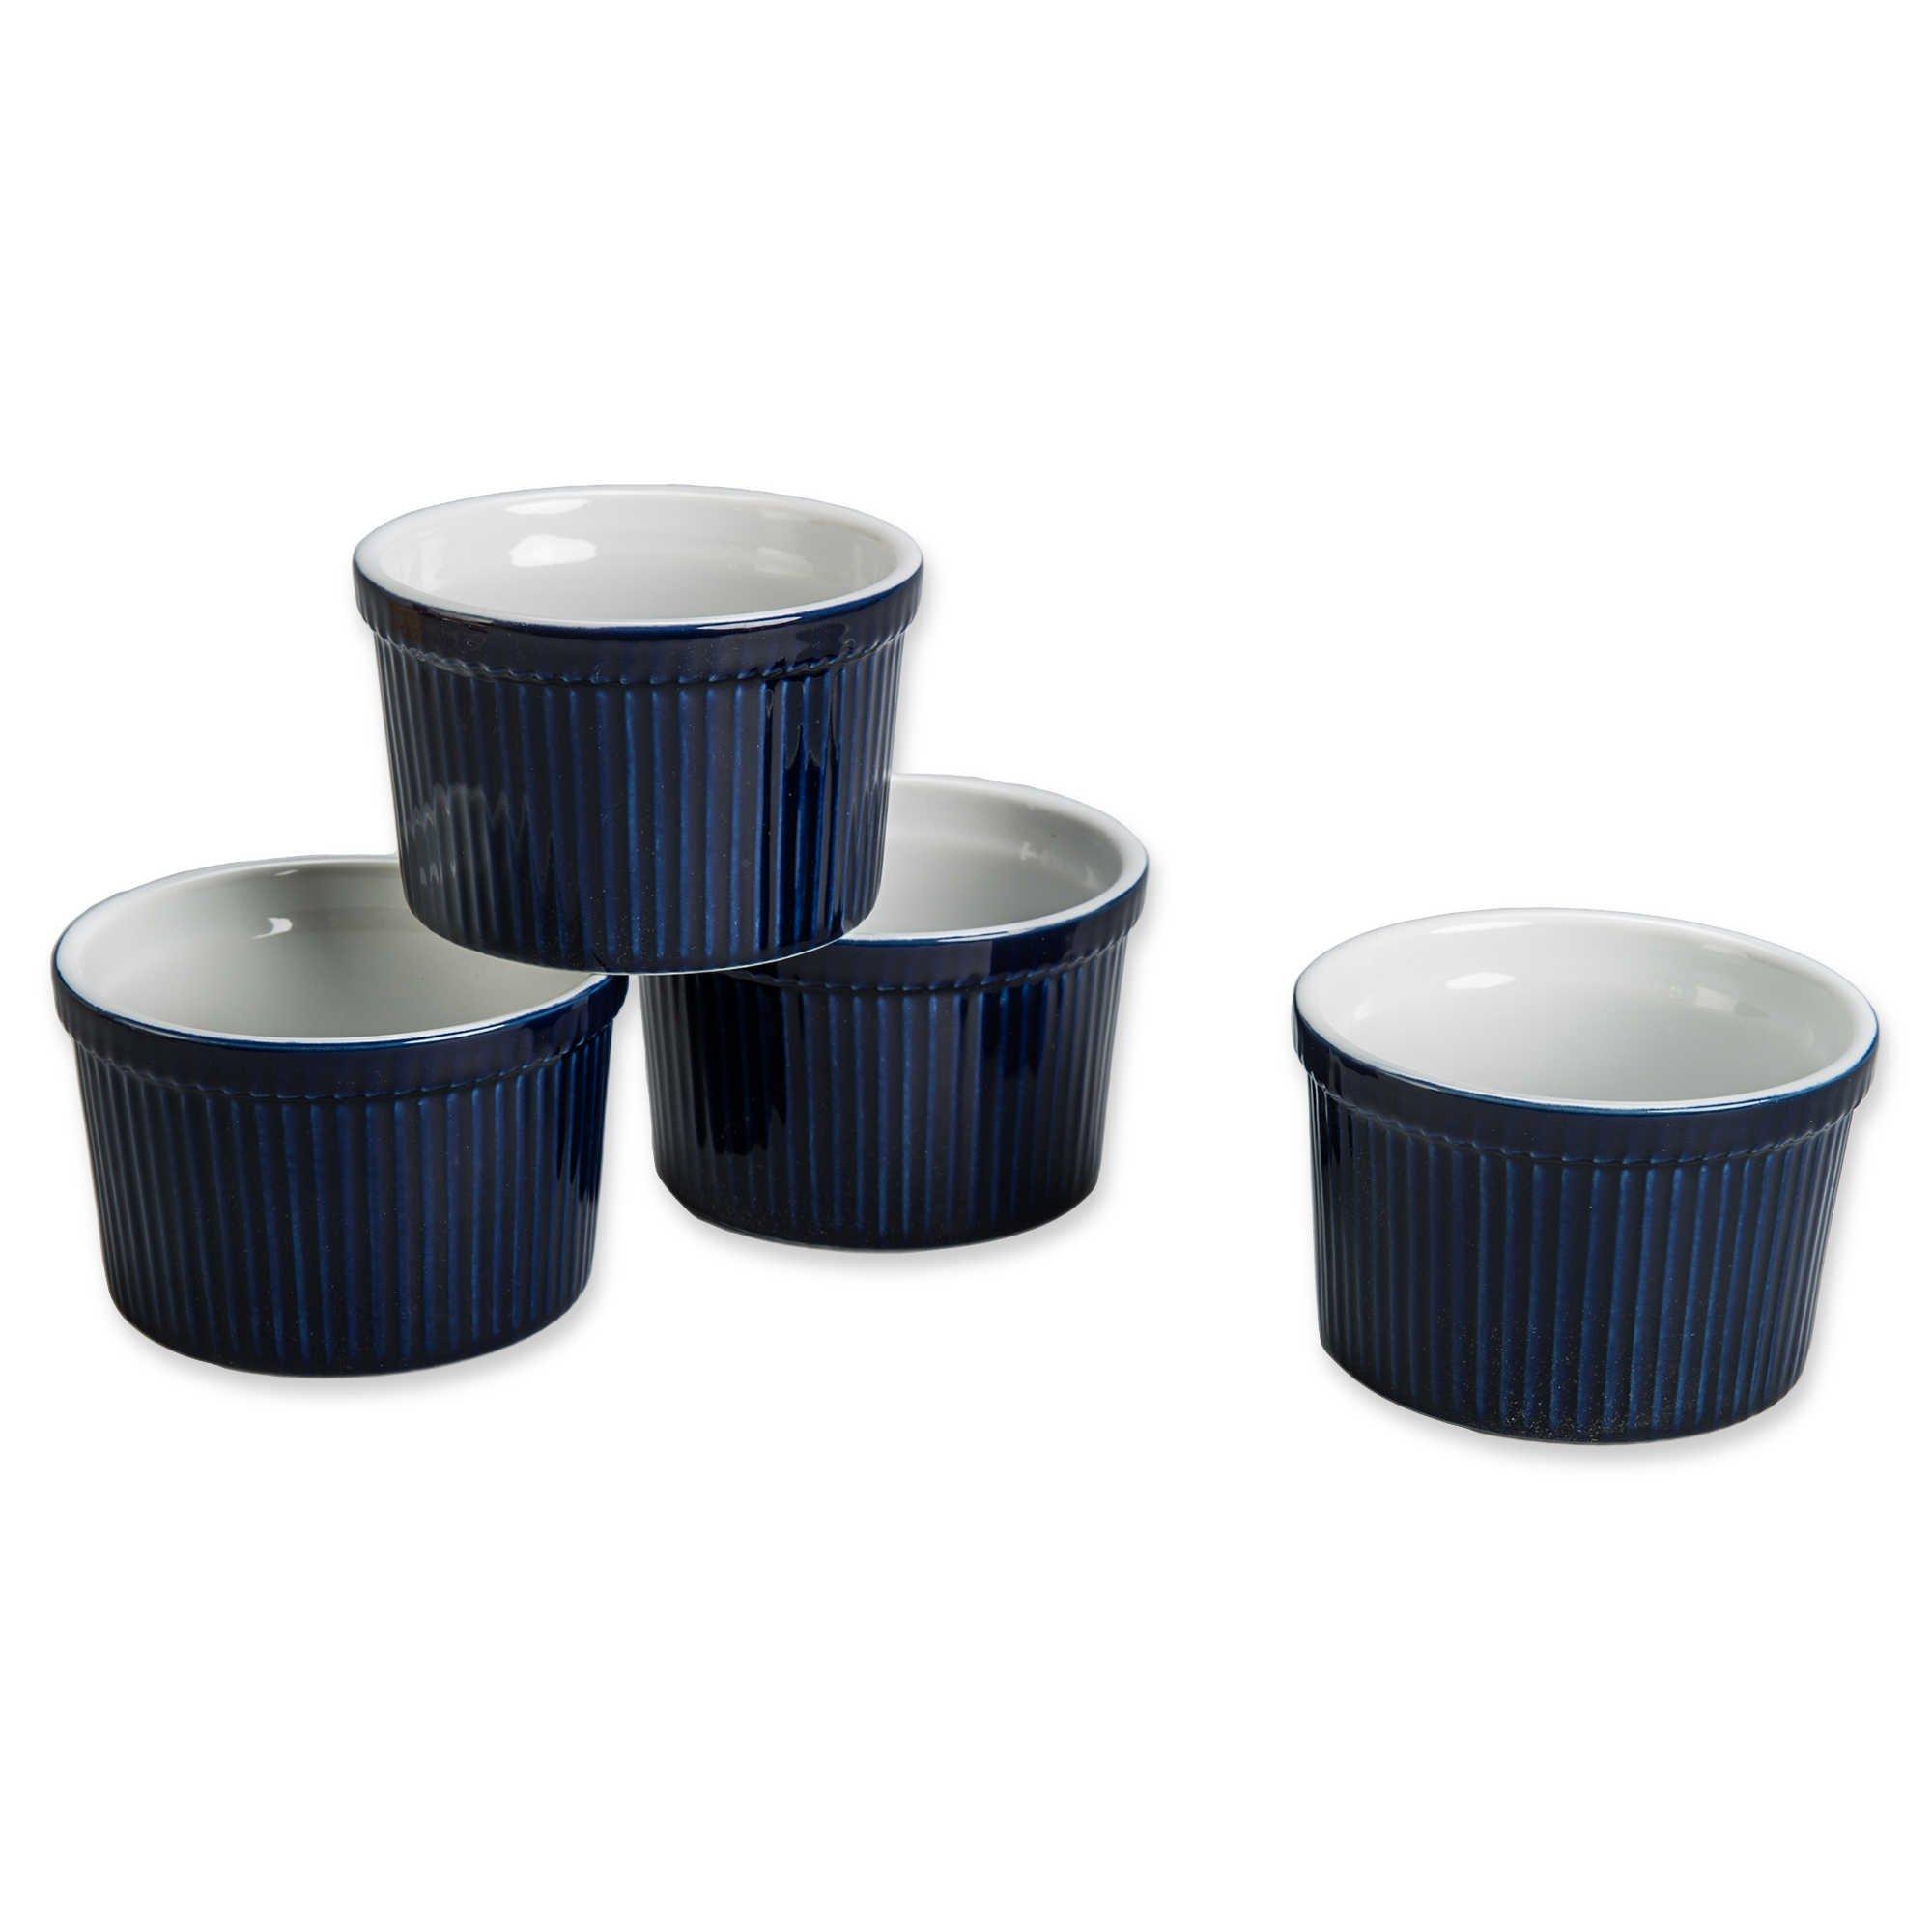 BIA Cordon Bleu (Set of 4) - 12 oz. Porcelain Ramekins Bowls 12 ounce (Blue) by BIA Cordon Bleu